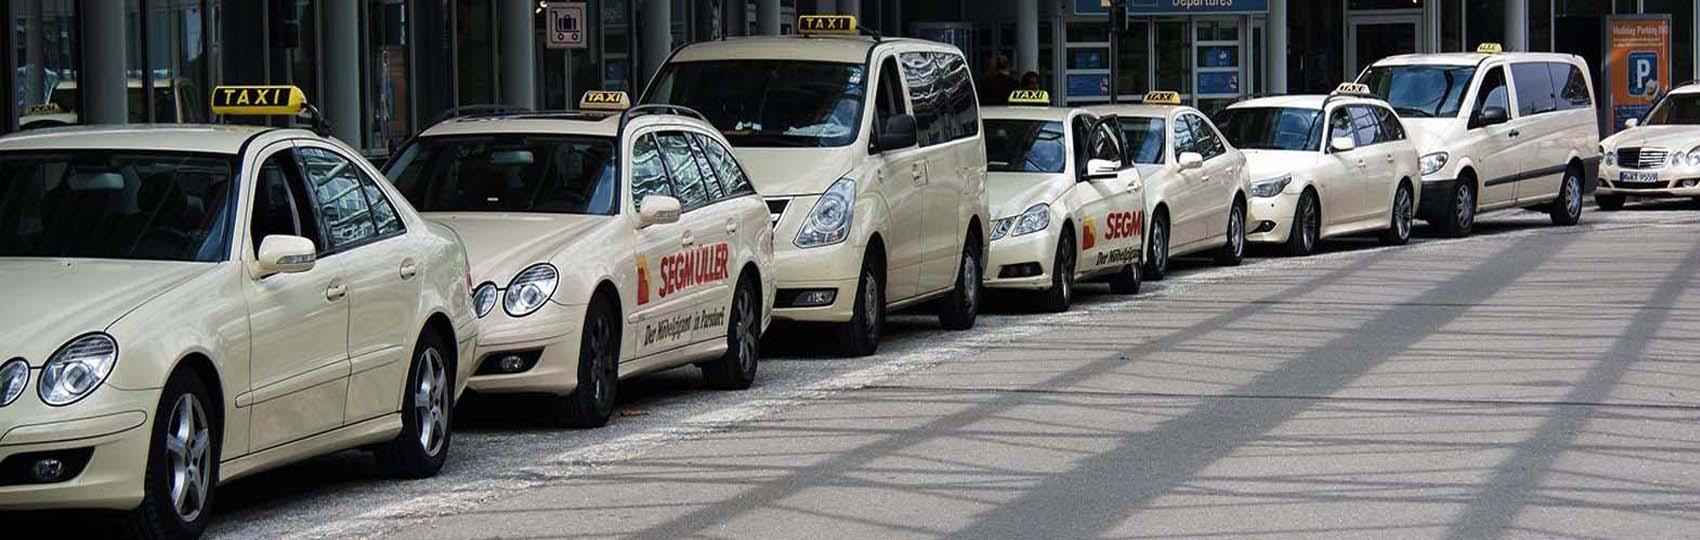 Noticias del sector del taxi y la movilidad en Portugal. Mantente informado de todas las noticias del taxi de Portugal en el grupo de Facebook de Todo Taxi.